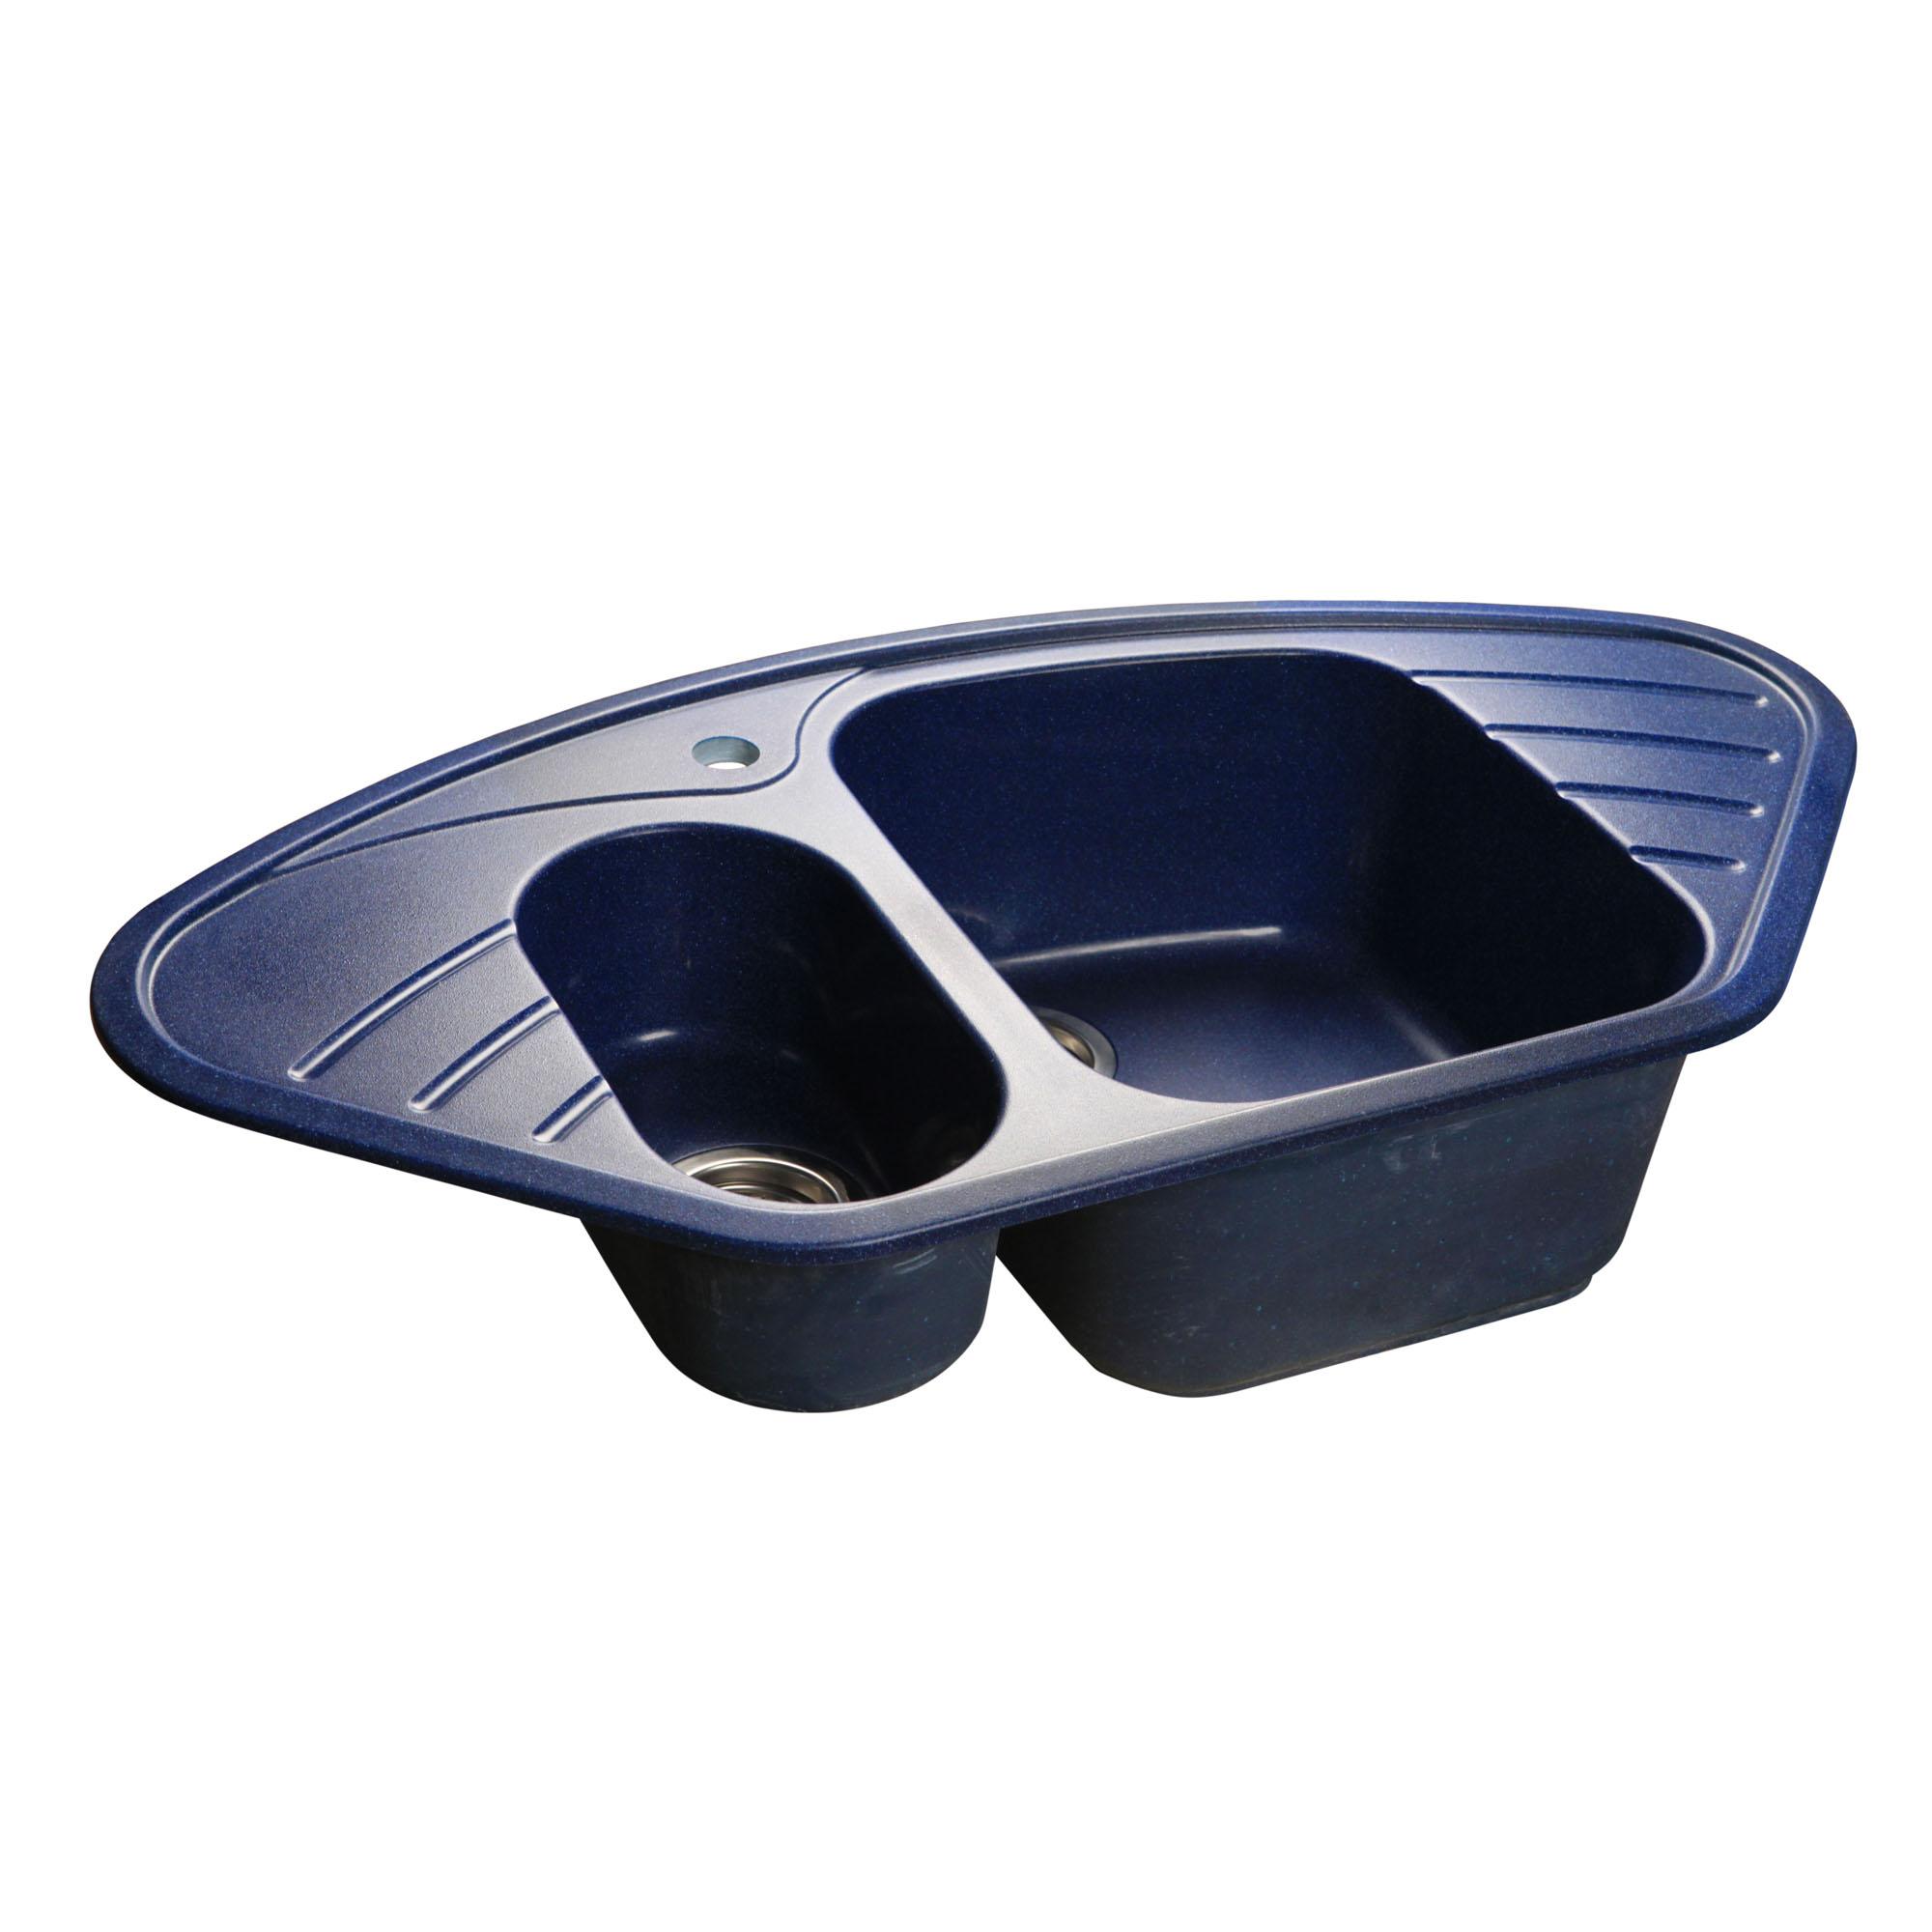 Кухонная мойка GranFest Corner GF-C960E синий мойка кухонная granfest гранит угловая 960x510 gf c960e песок